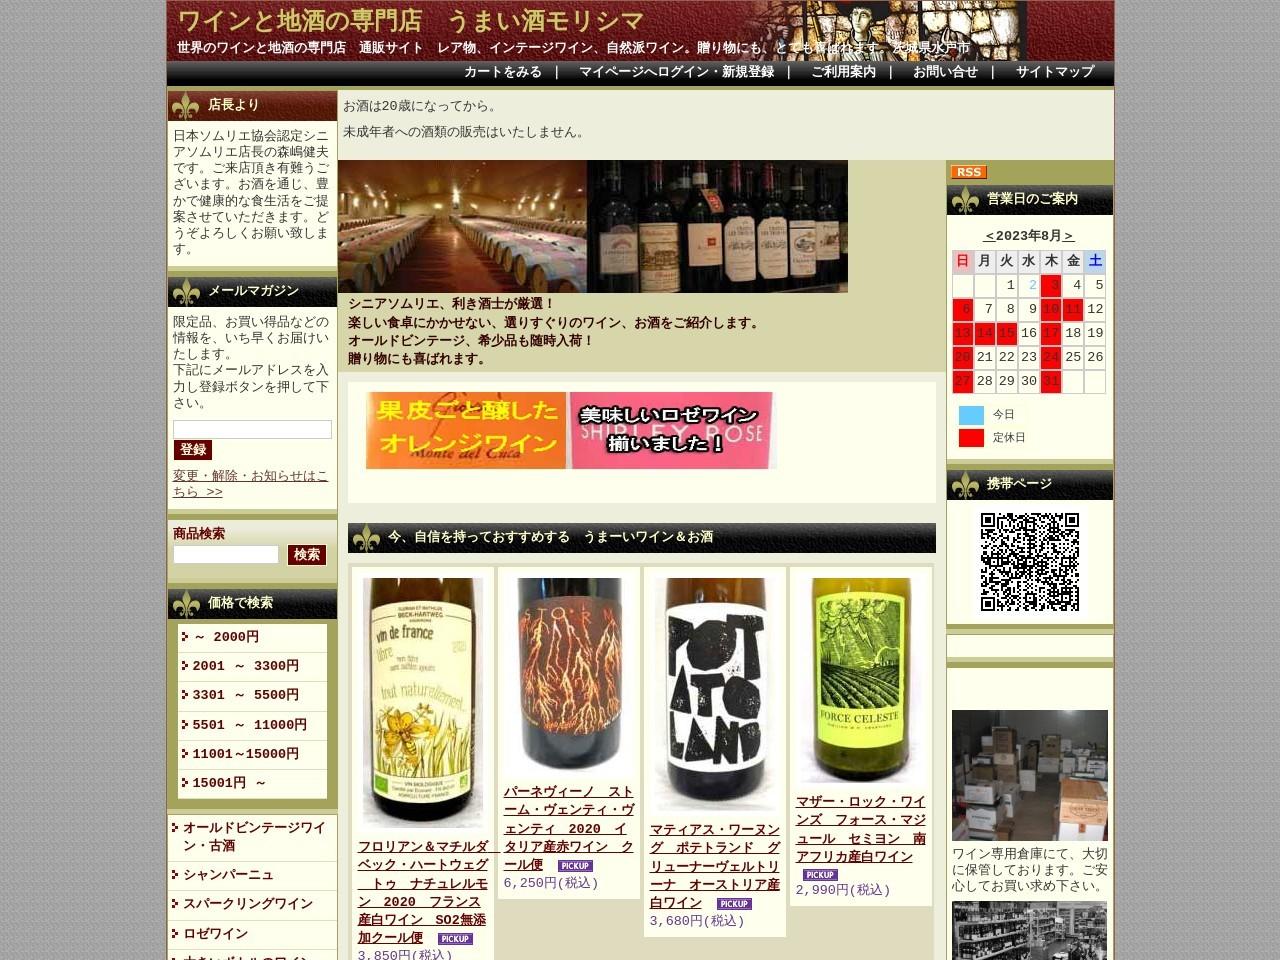 世界のワインと地酒の専門店 通販 うまい酒モリシマ